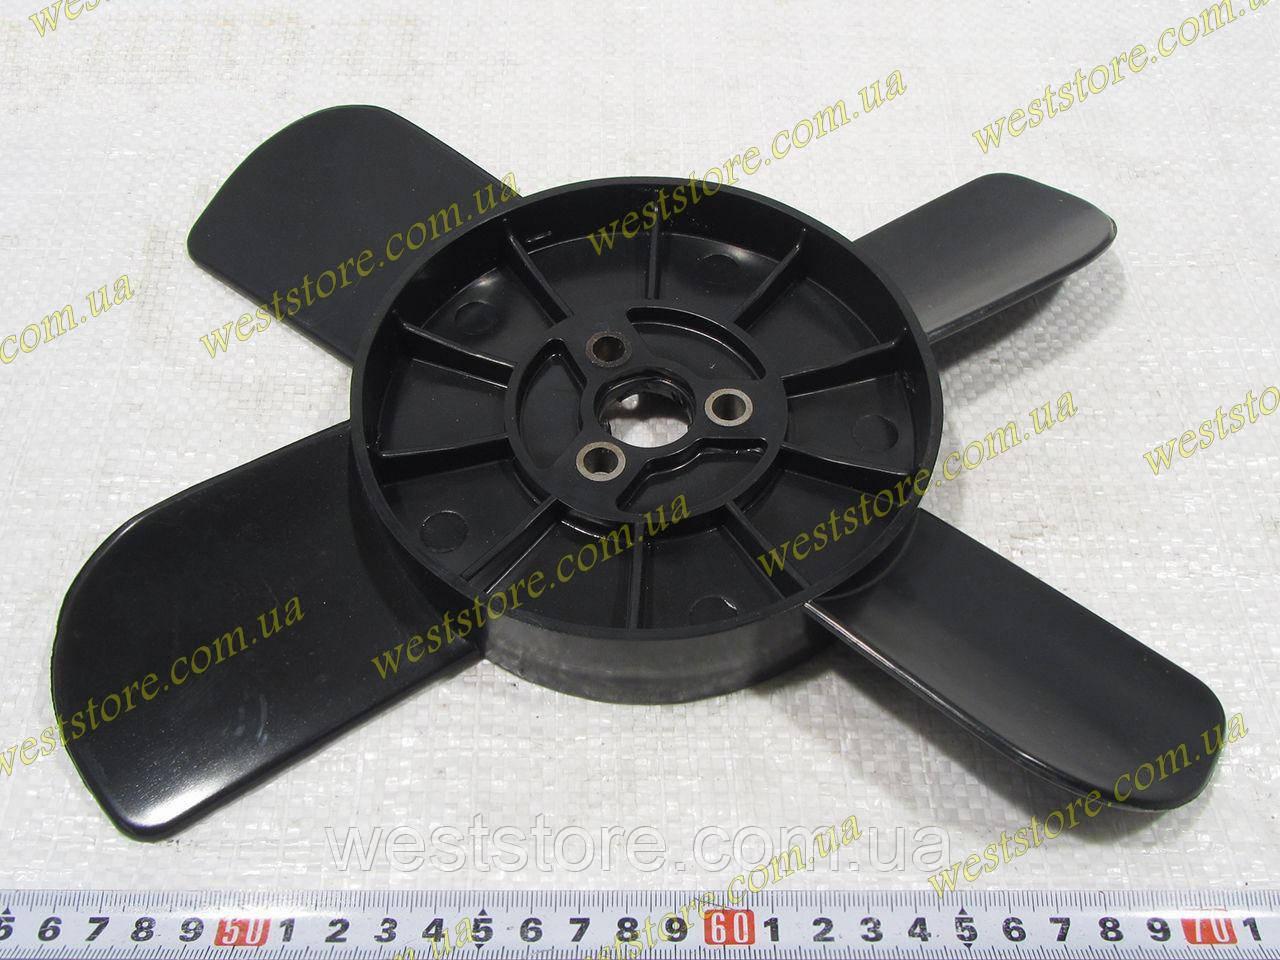 Крыльчатка вентилятора радиатора Ваз  2101 2102 2103 2104  2106 2107 4-х лопастная черная Украина